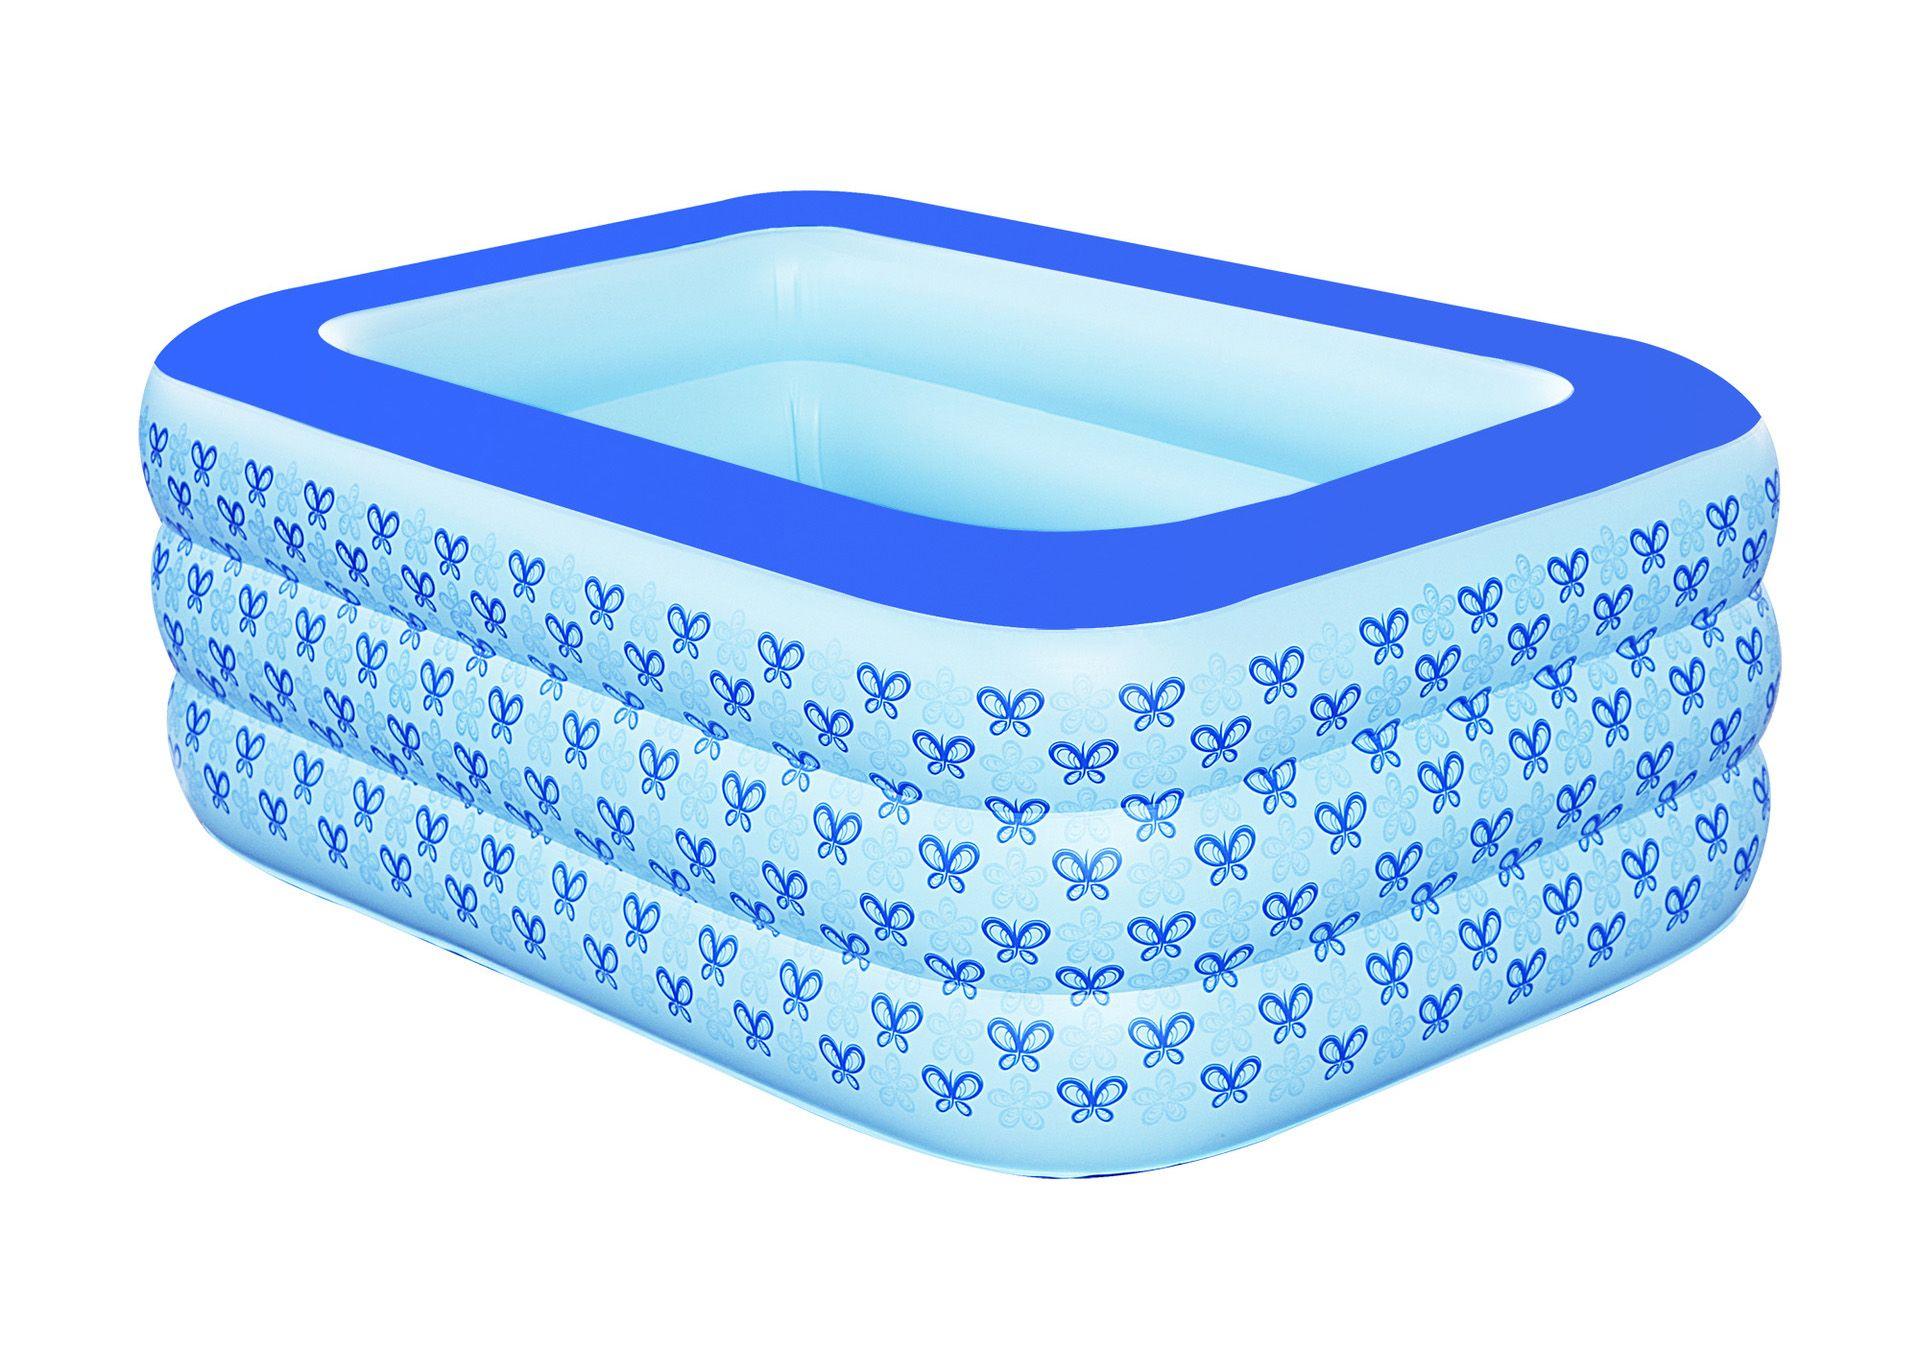 Neue familie aufblasbare badewanne verdickung isolierung baby pool bath barrel waschbecken, kunststoff eimer faltung